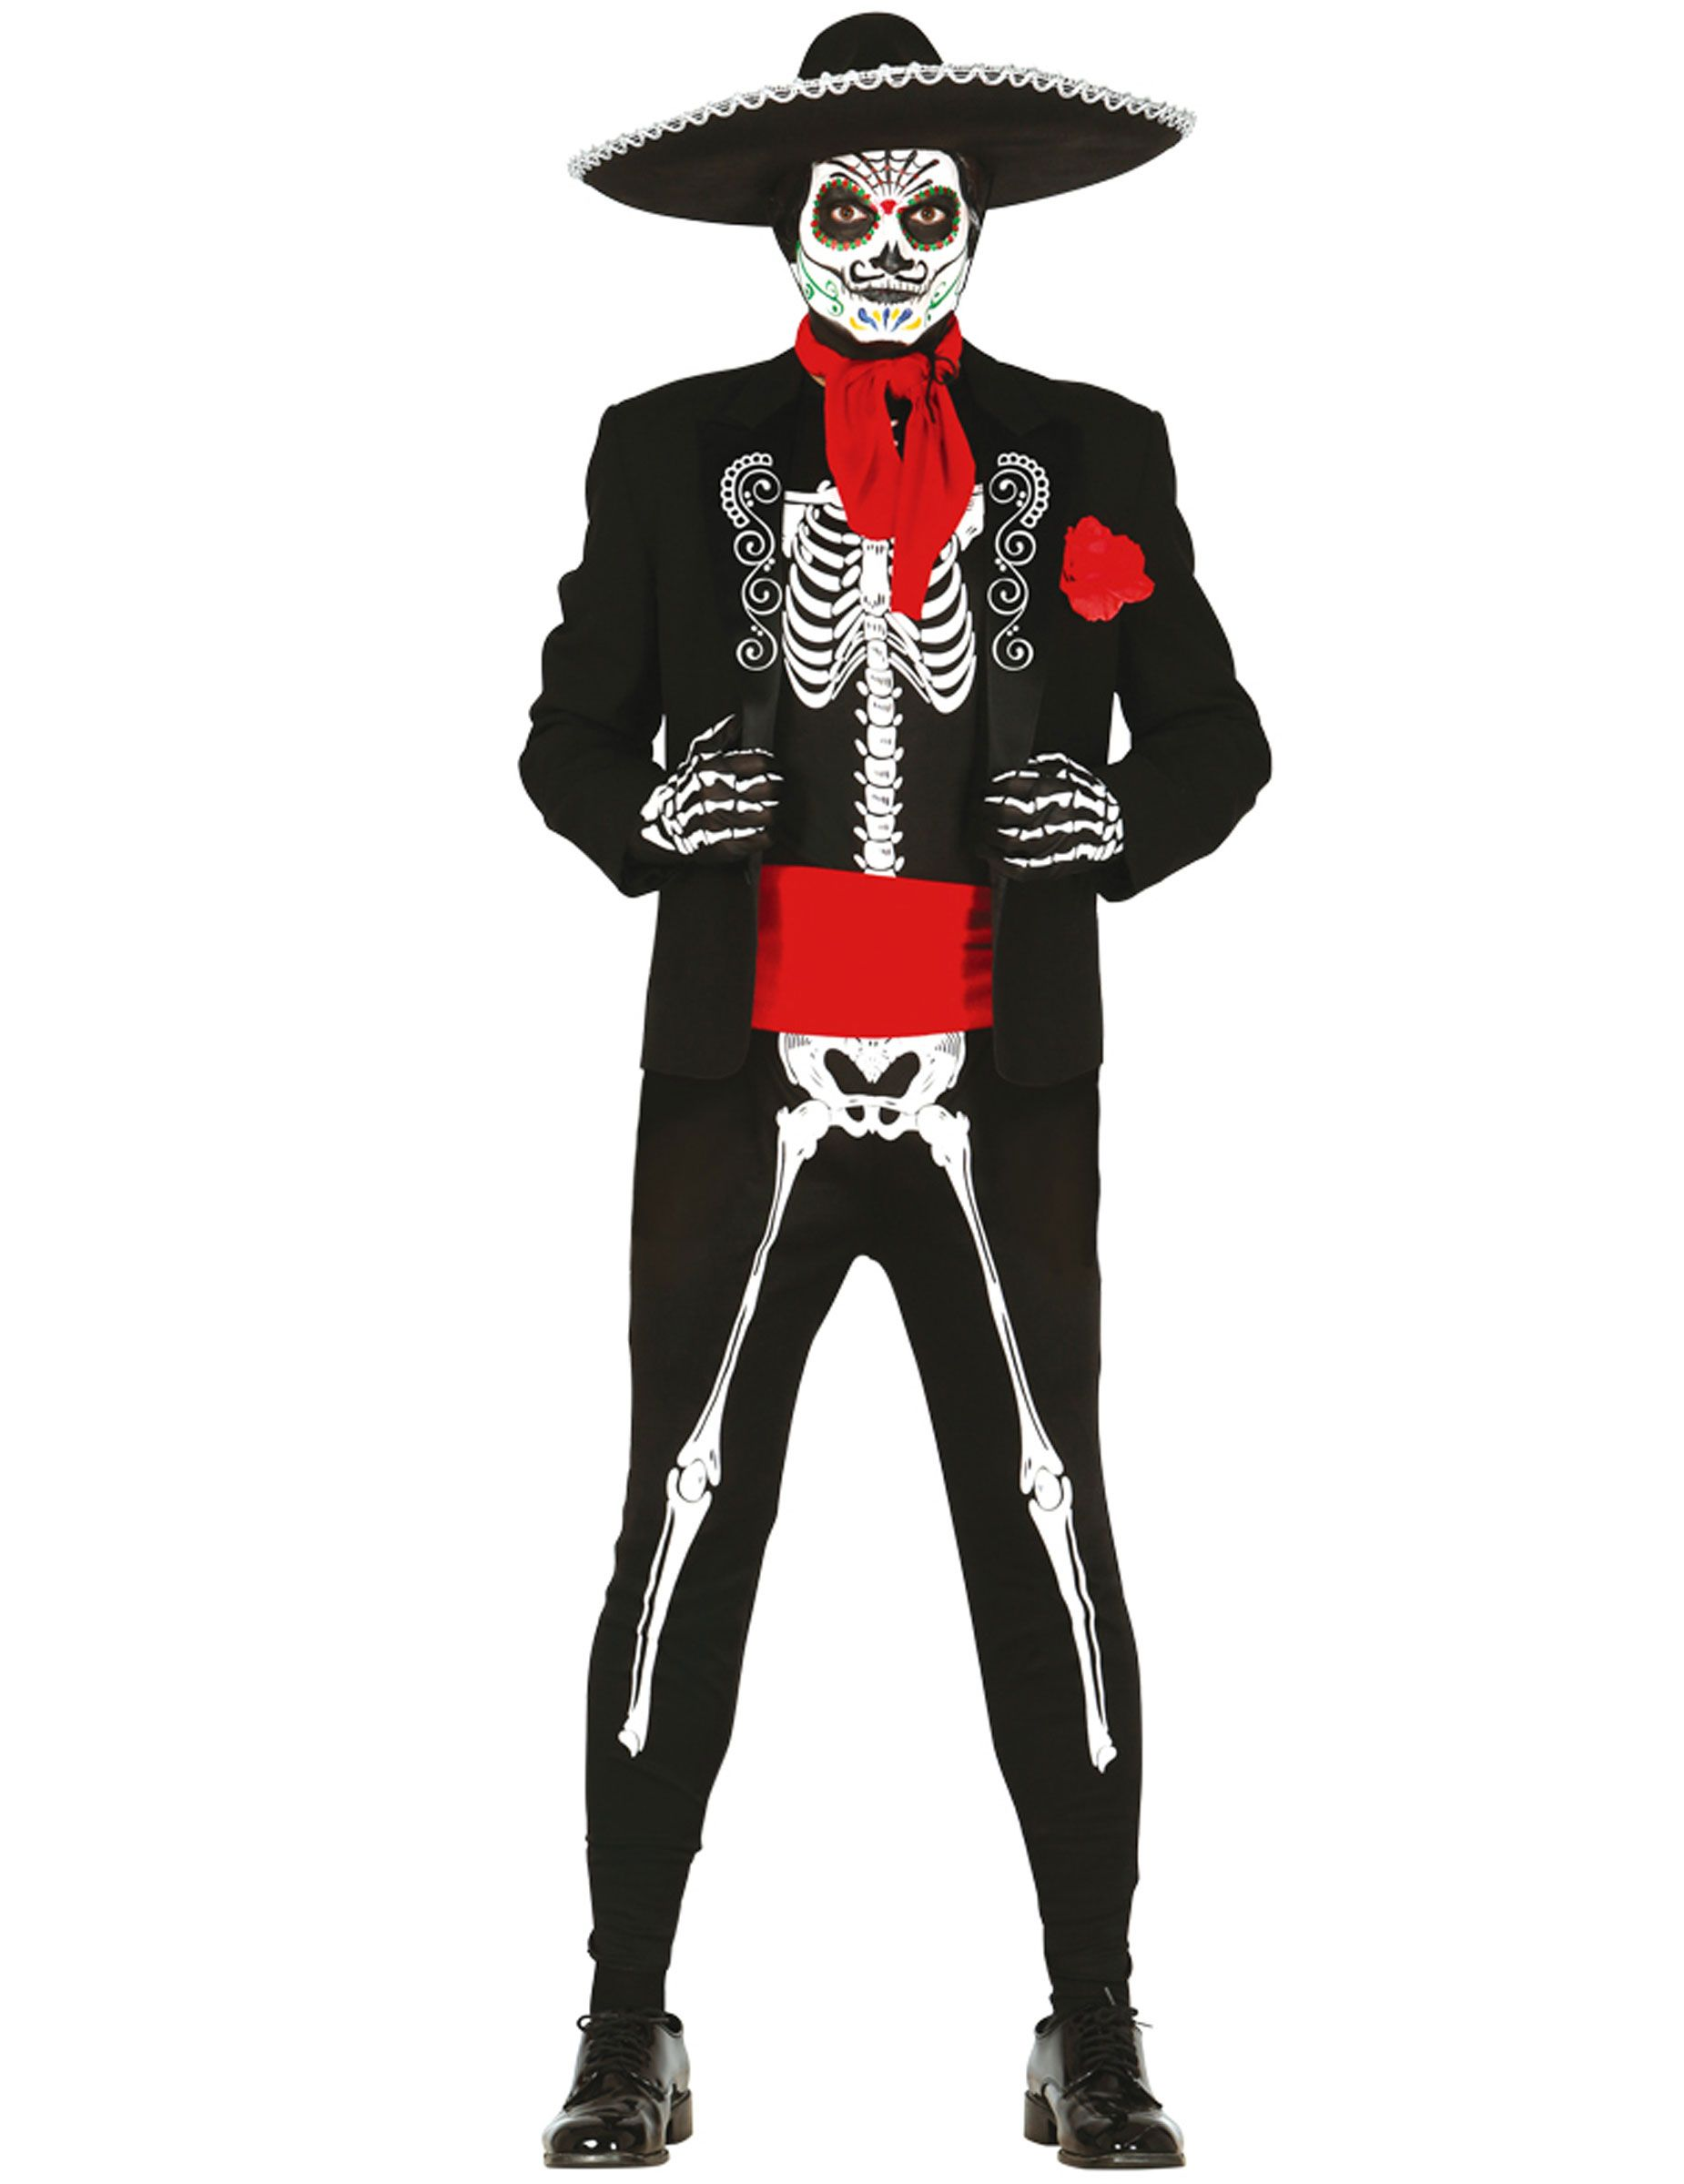 Disfraz esqueleto mexicano hombre Día de los muertos Este